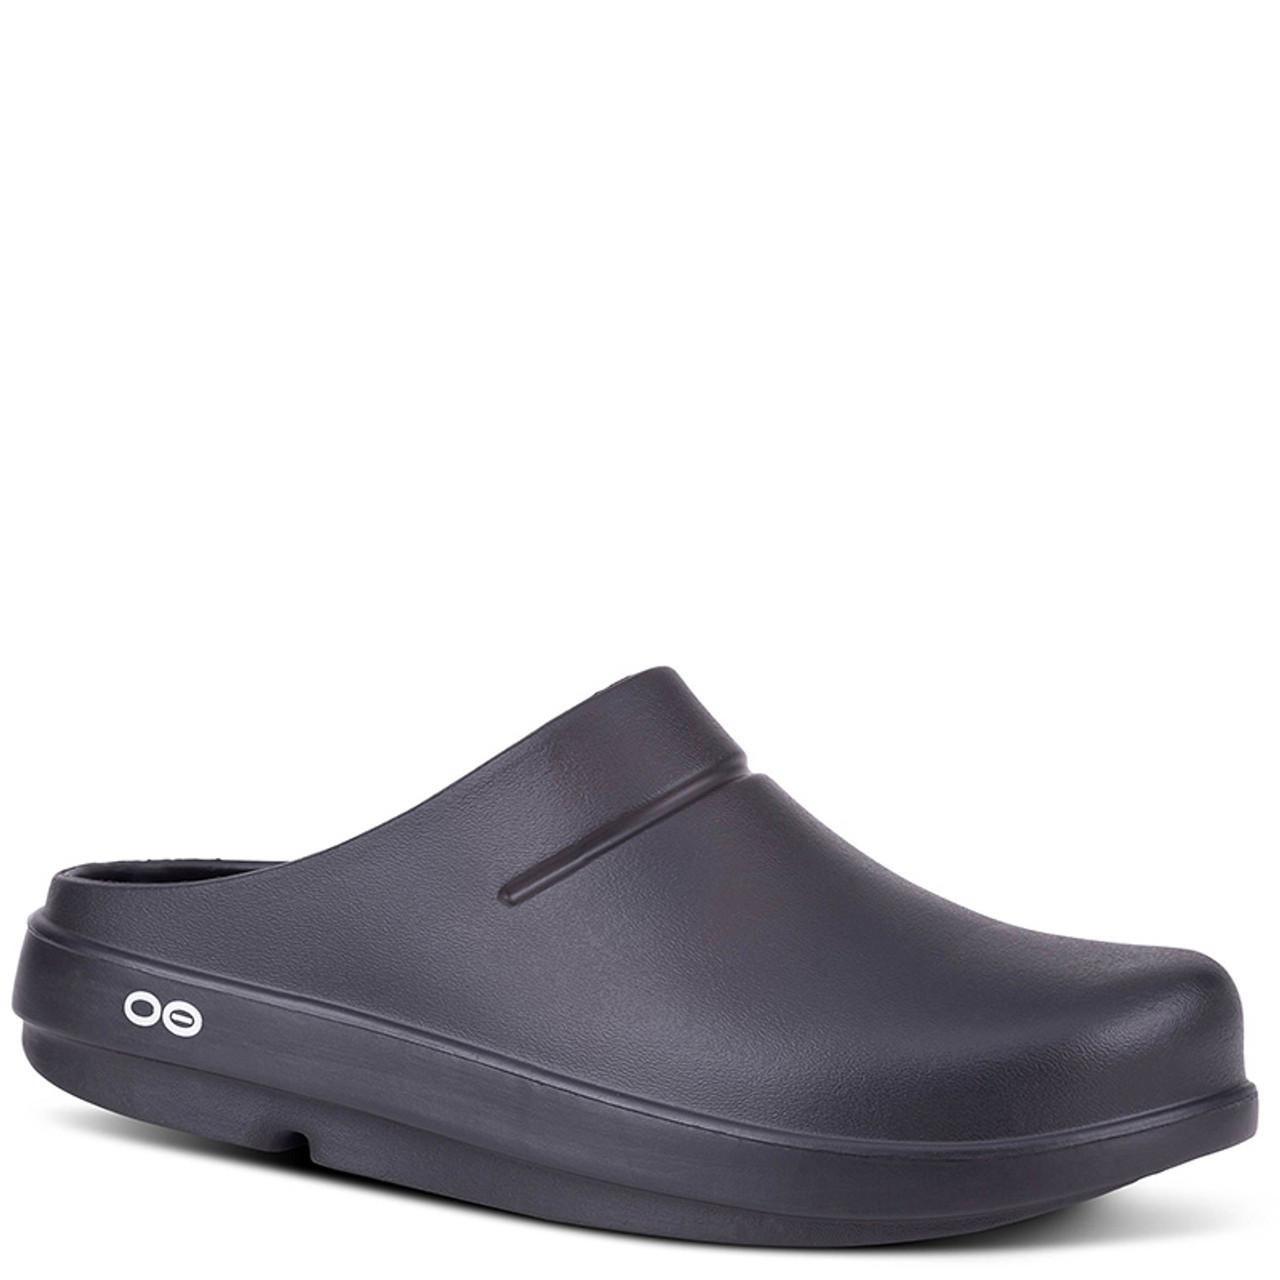 Oofos 1200 Women's OOCLOOG Clogs Black